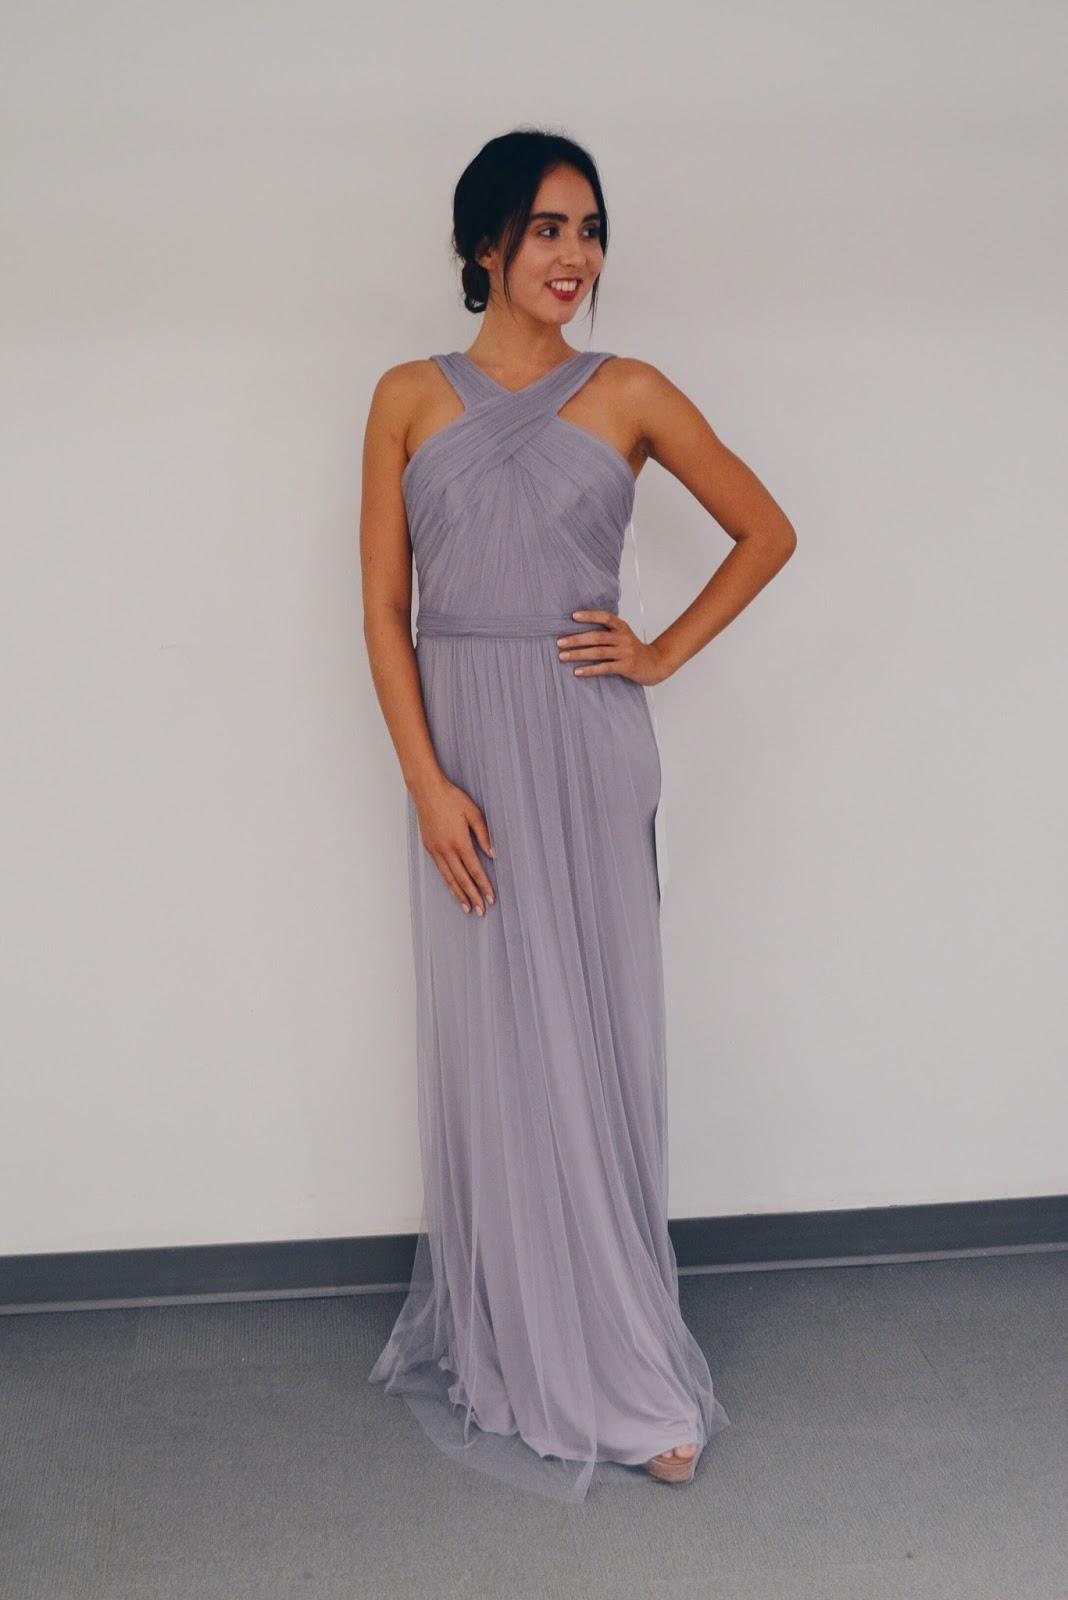 Sorella Vita style 8828 criss-cross strap bridesmaid dress